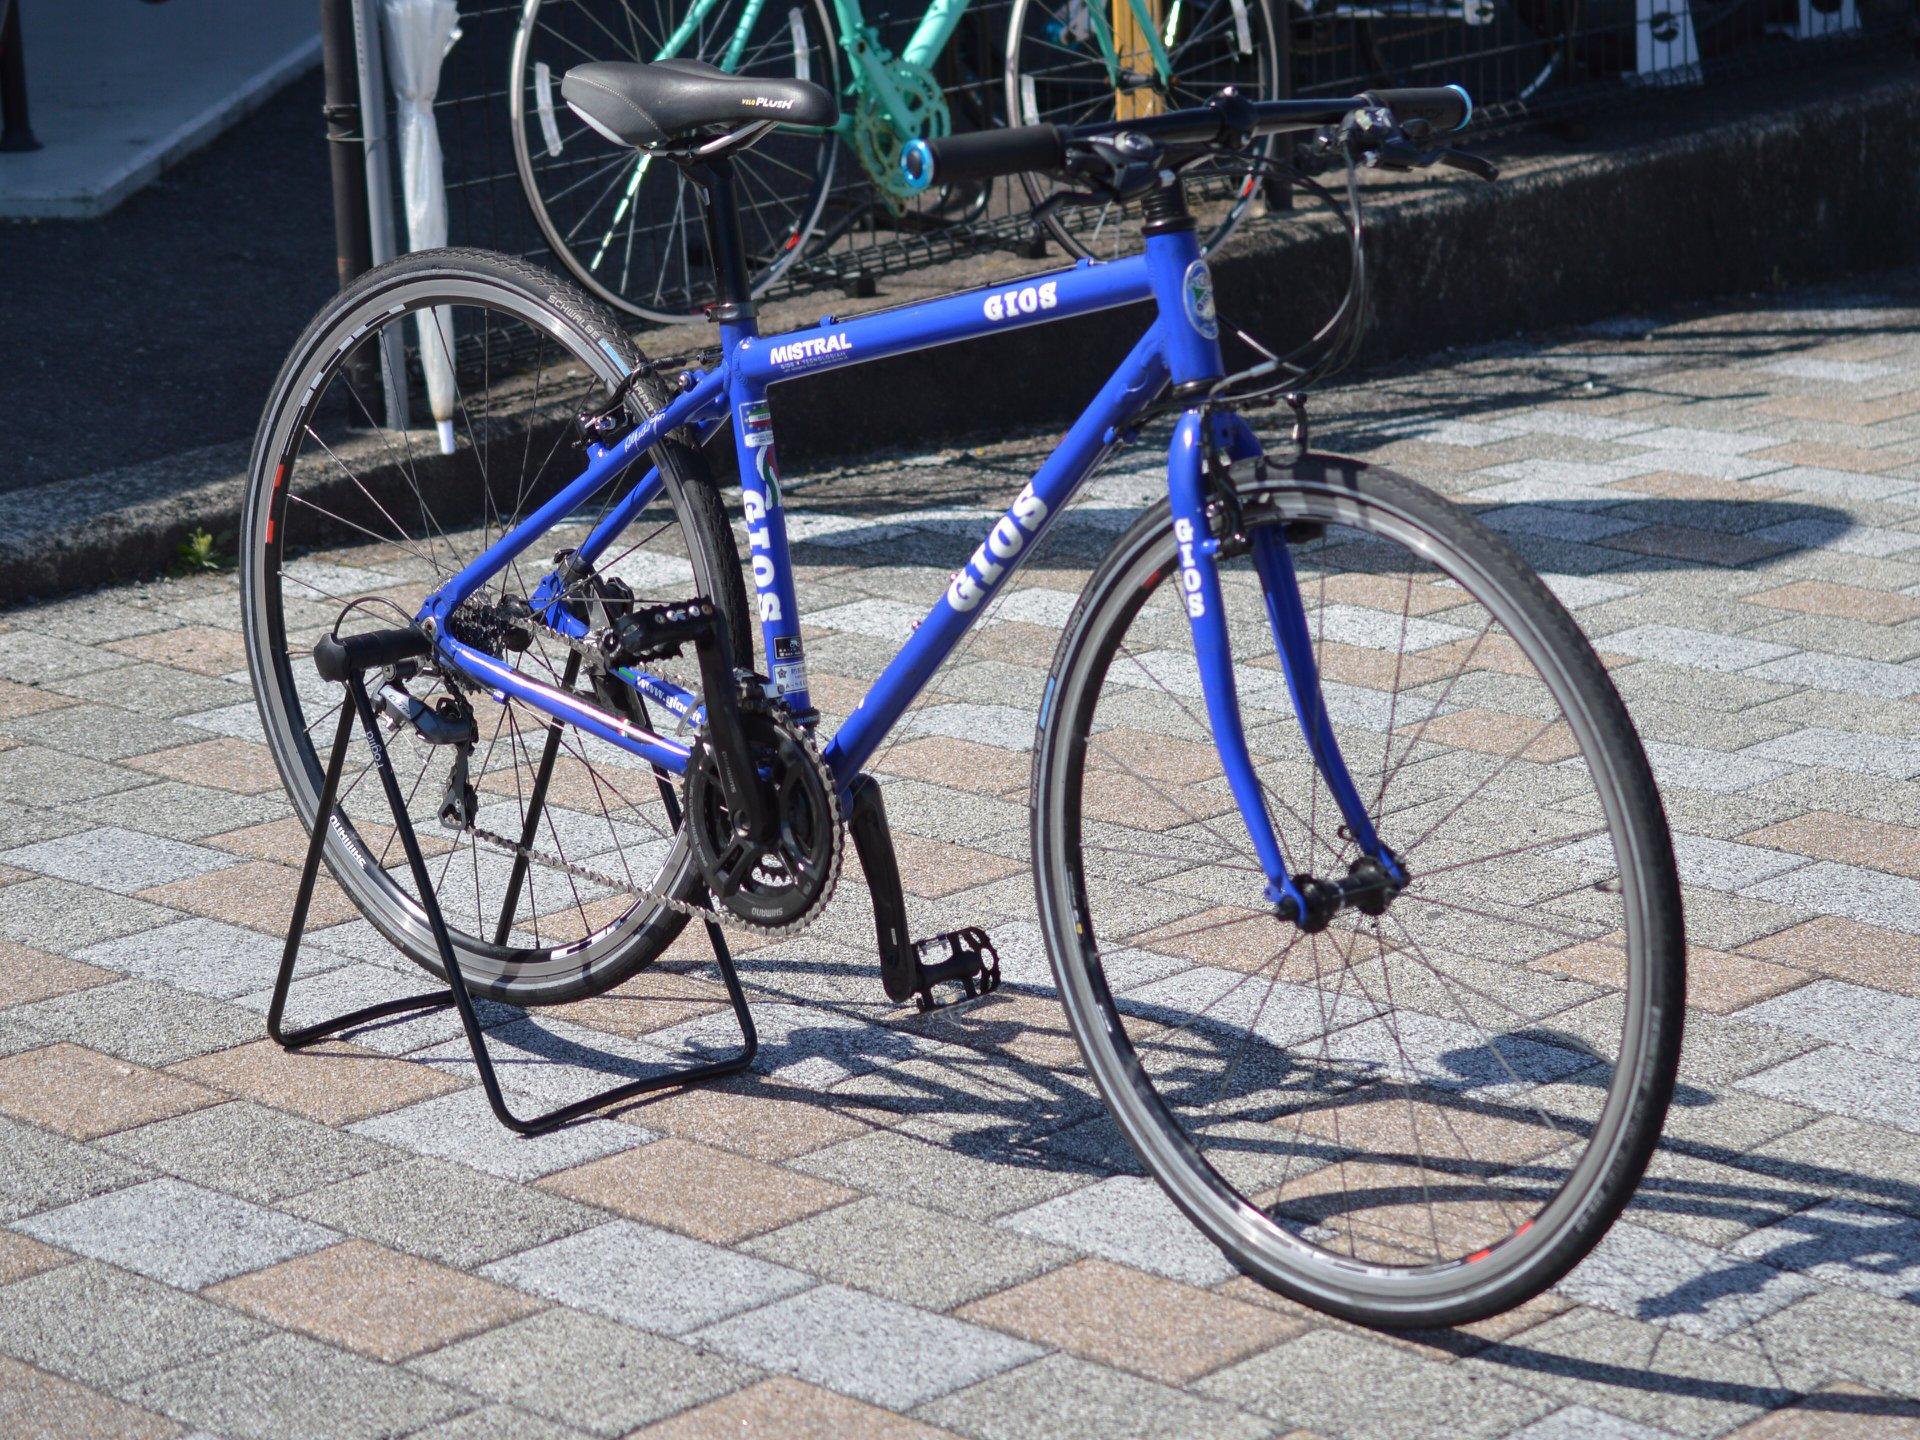 クロスバイク用ハンドルのカスタム10選!自分仕様に使いやすくしよう